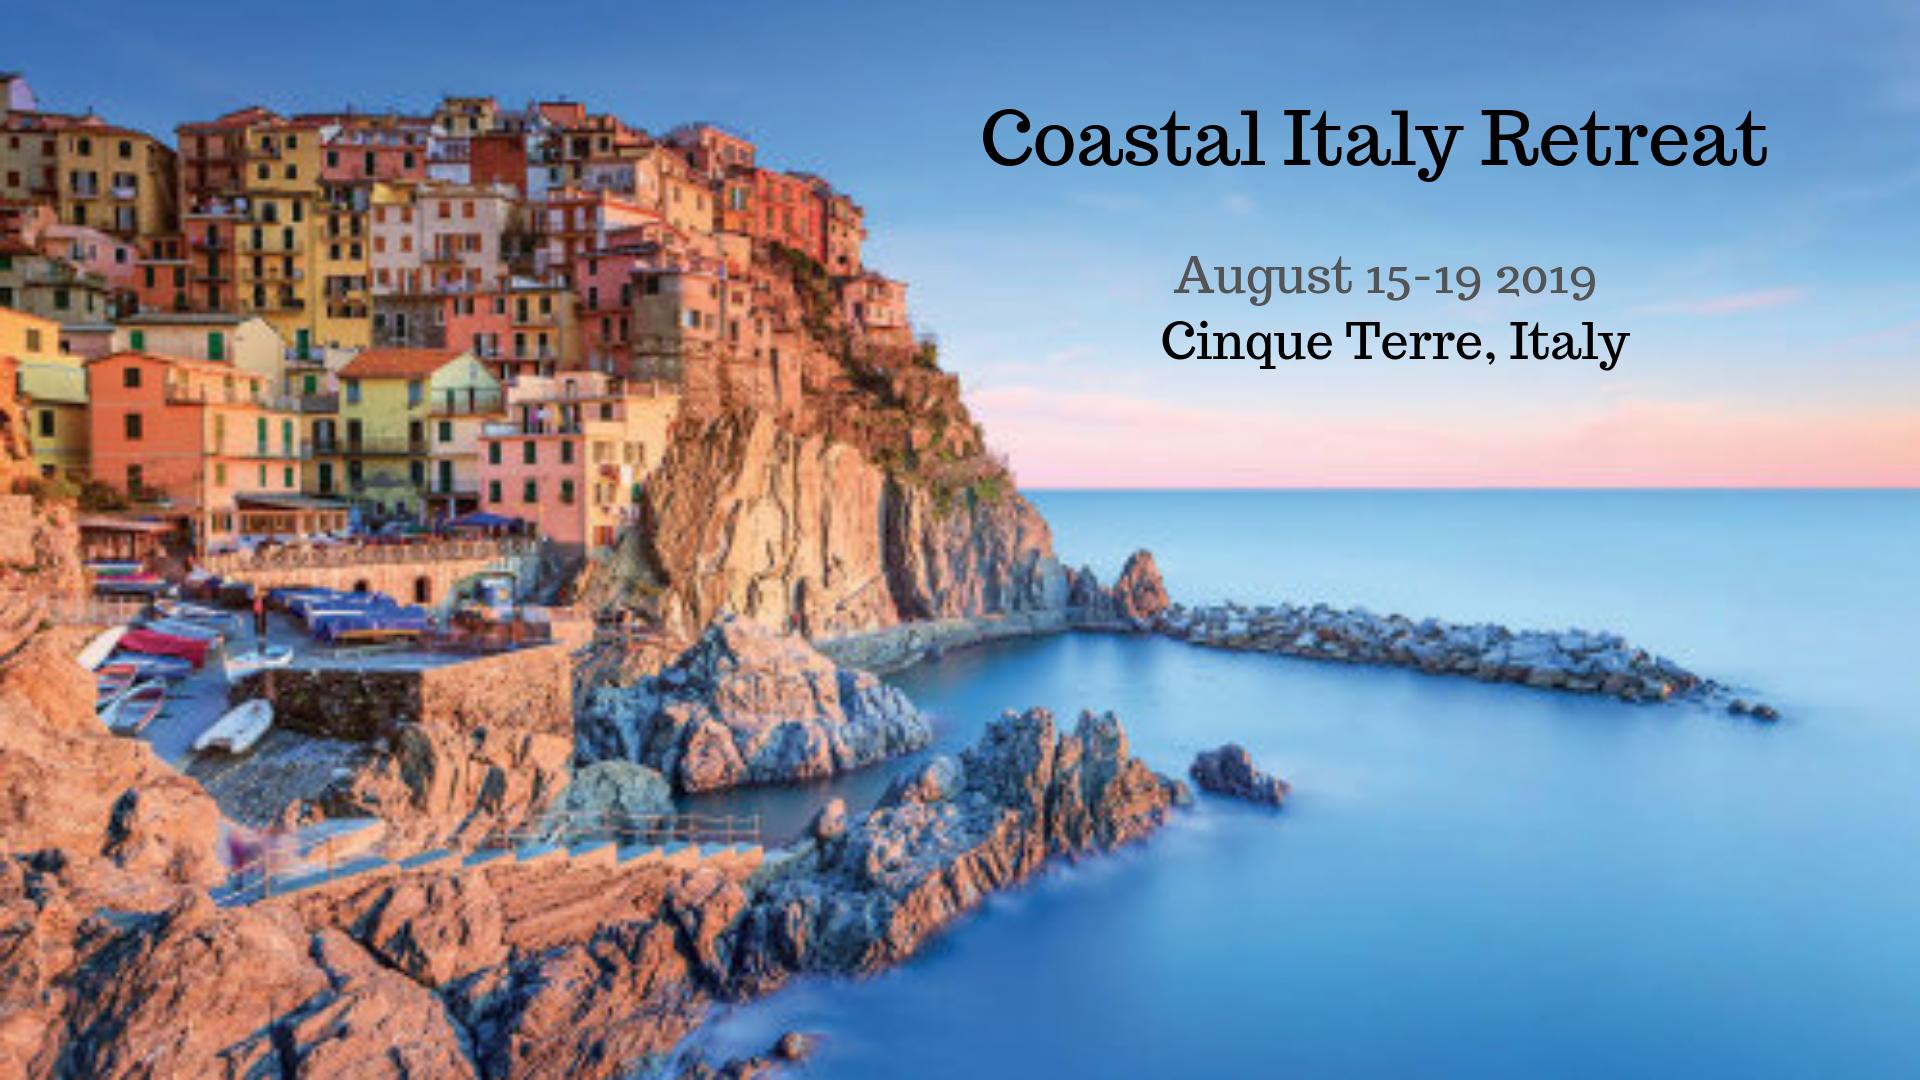 Coastaly Italy 2019.png